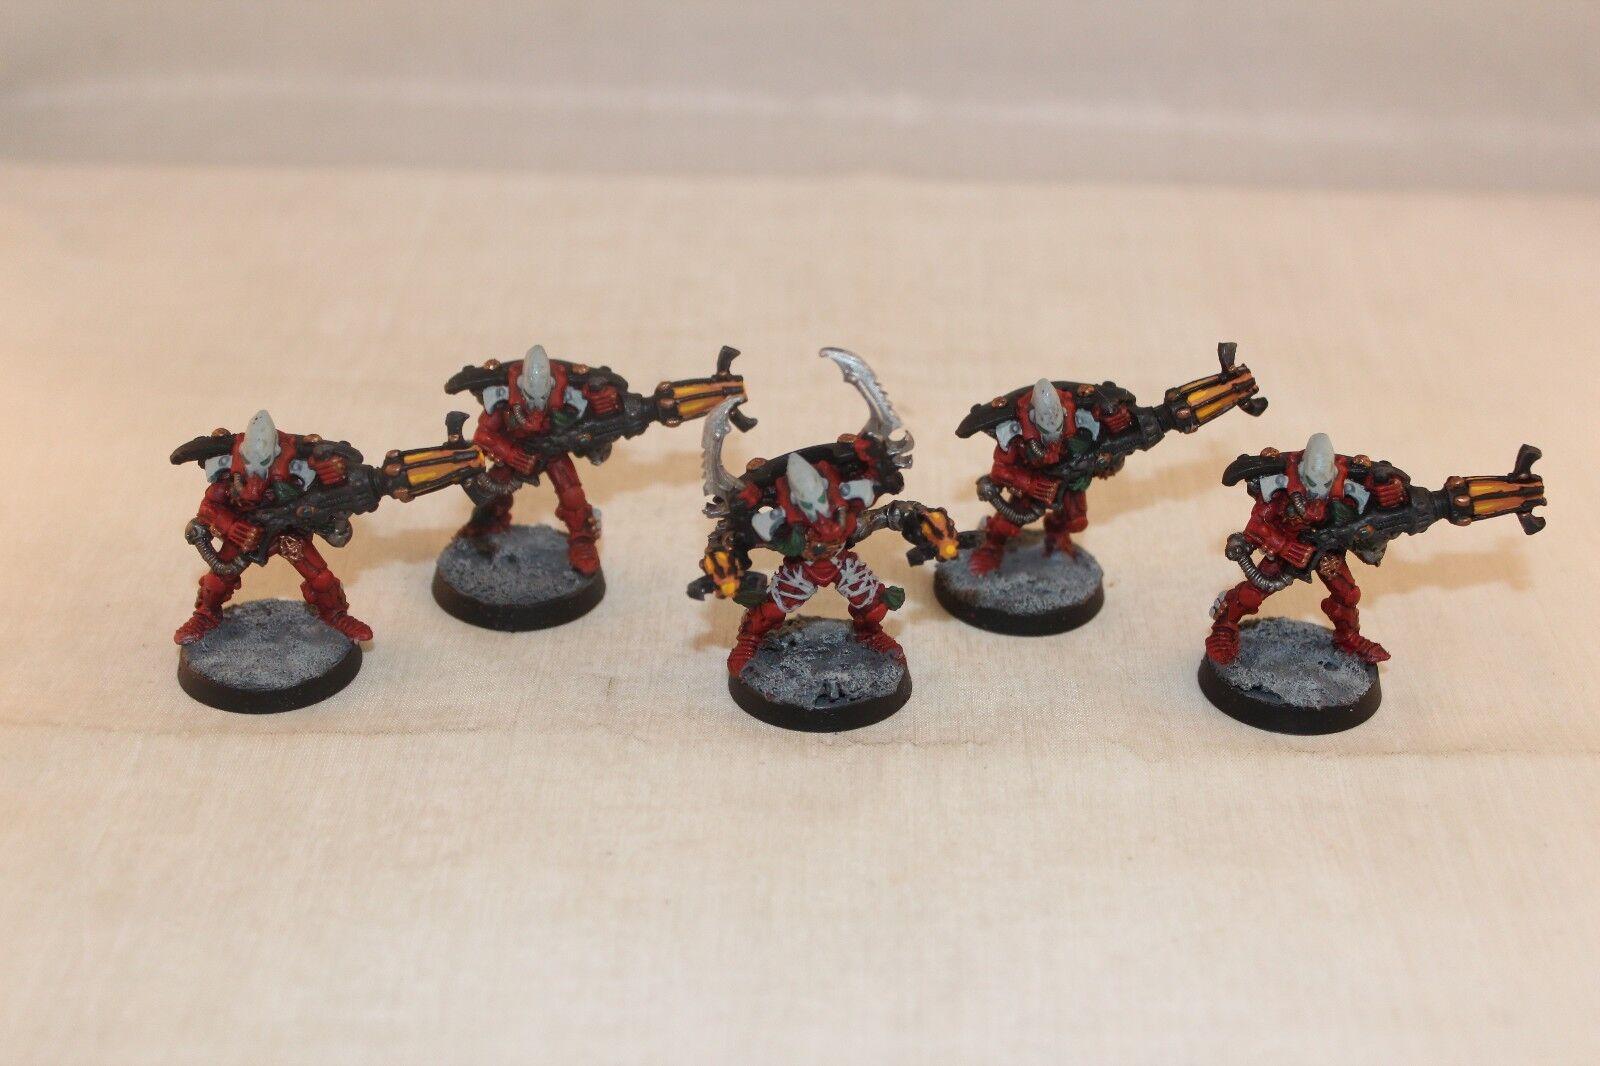 Warhammer Eldar Warpspiders Well Painted Finecast